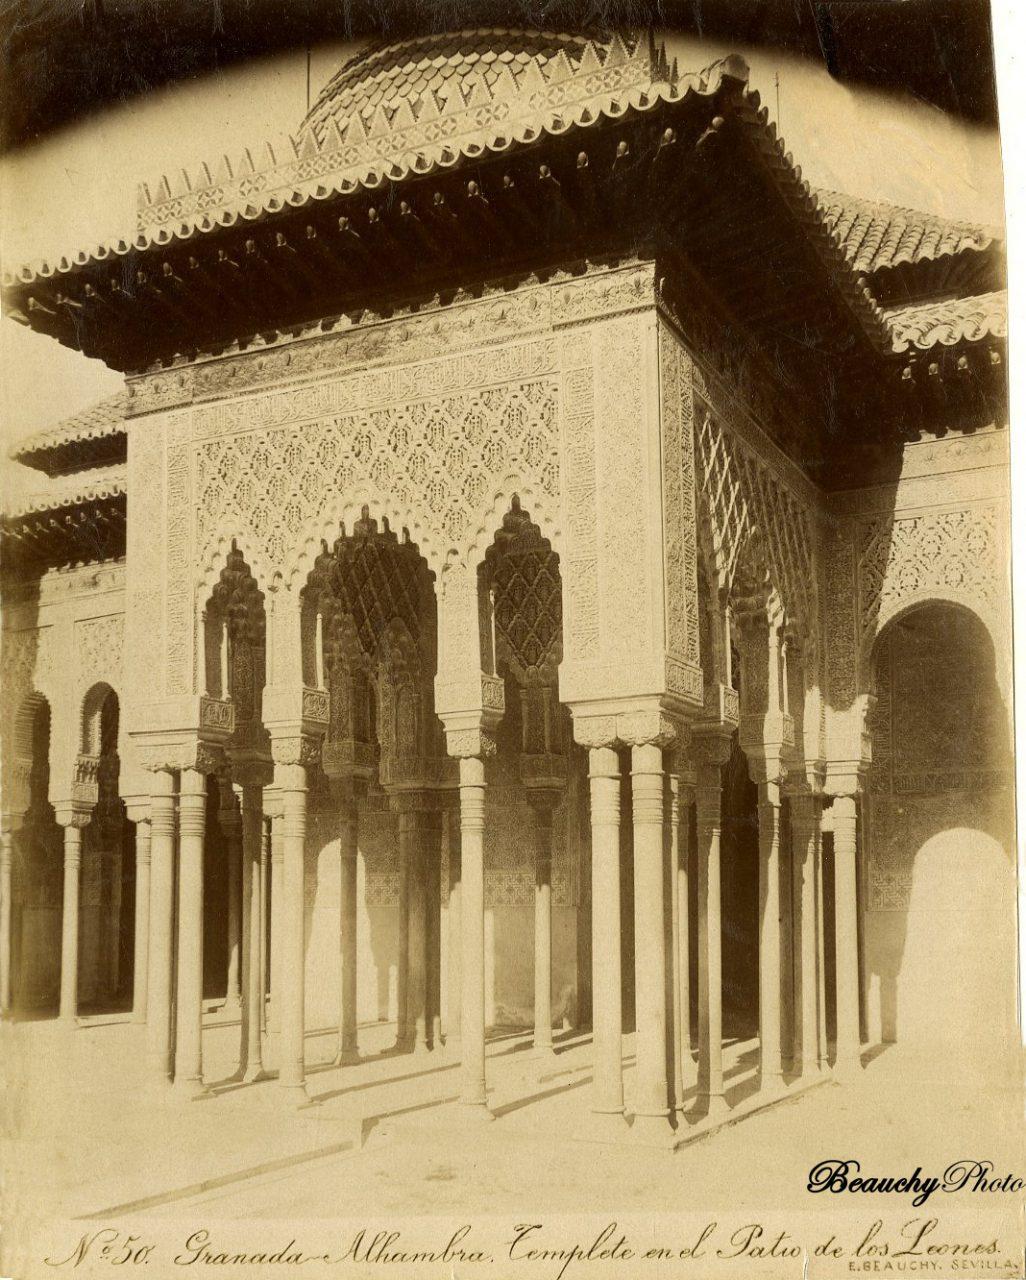 Beauchyphoto_Granada_Alhambra_Templete_en_el Patio_de_los_Leones_Emilio_Beauchy_Cano_fotografias_antiguas_postales_vistas_y_monumentos